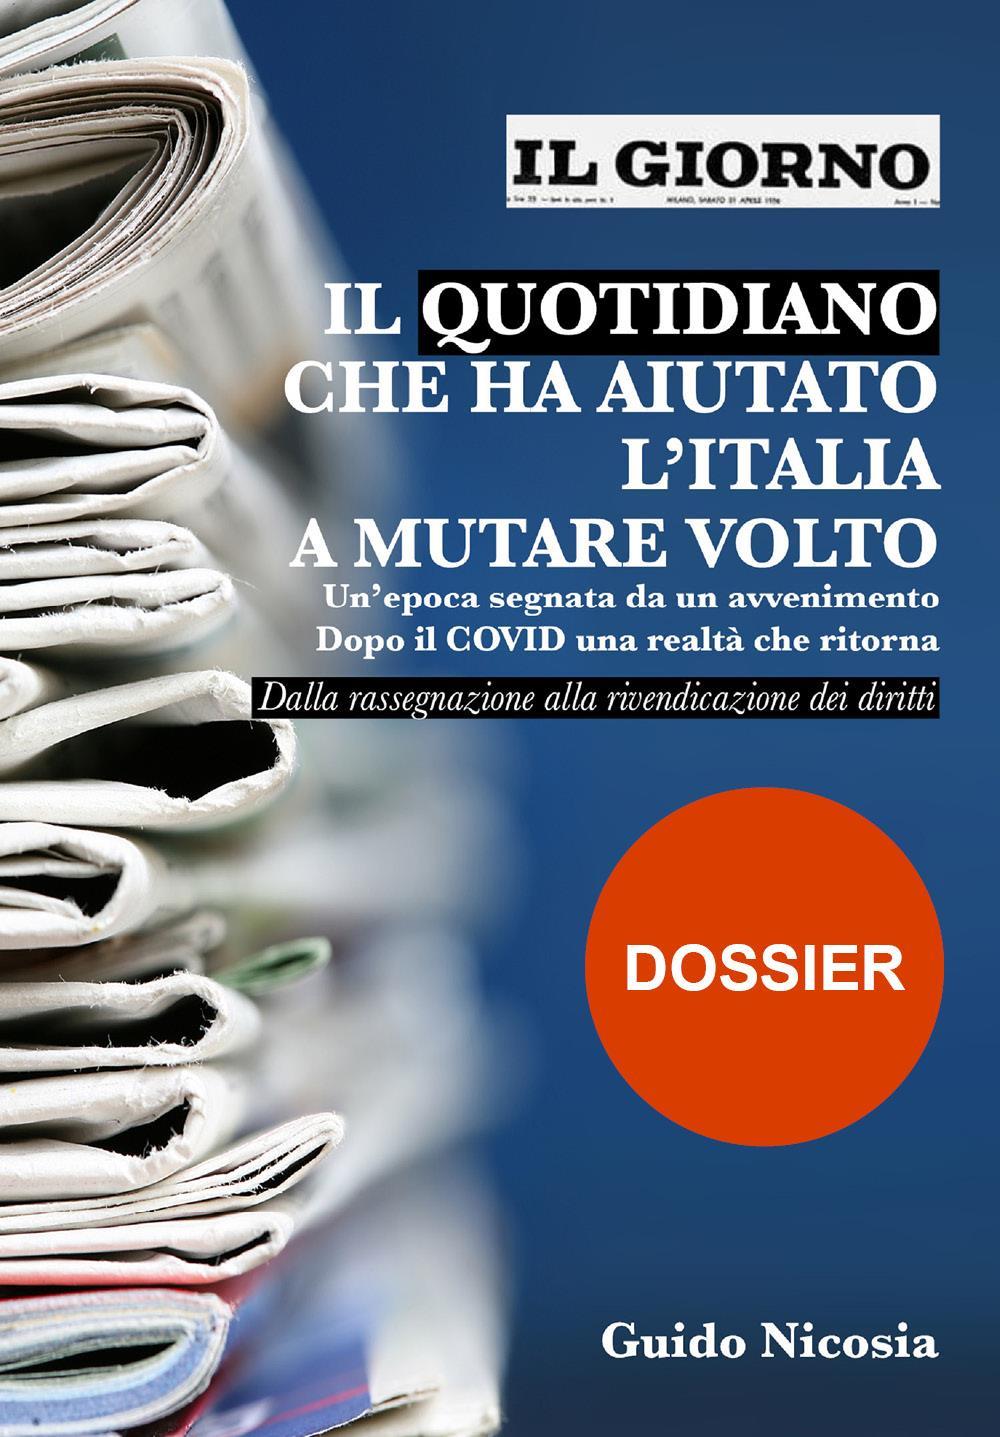 Il Giorno - Il quotidiano che ha aiutato l'Italia a mutare volto